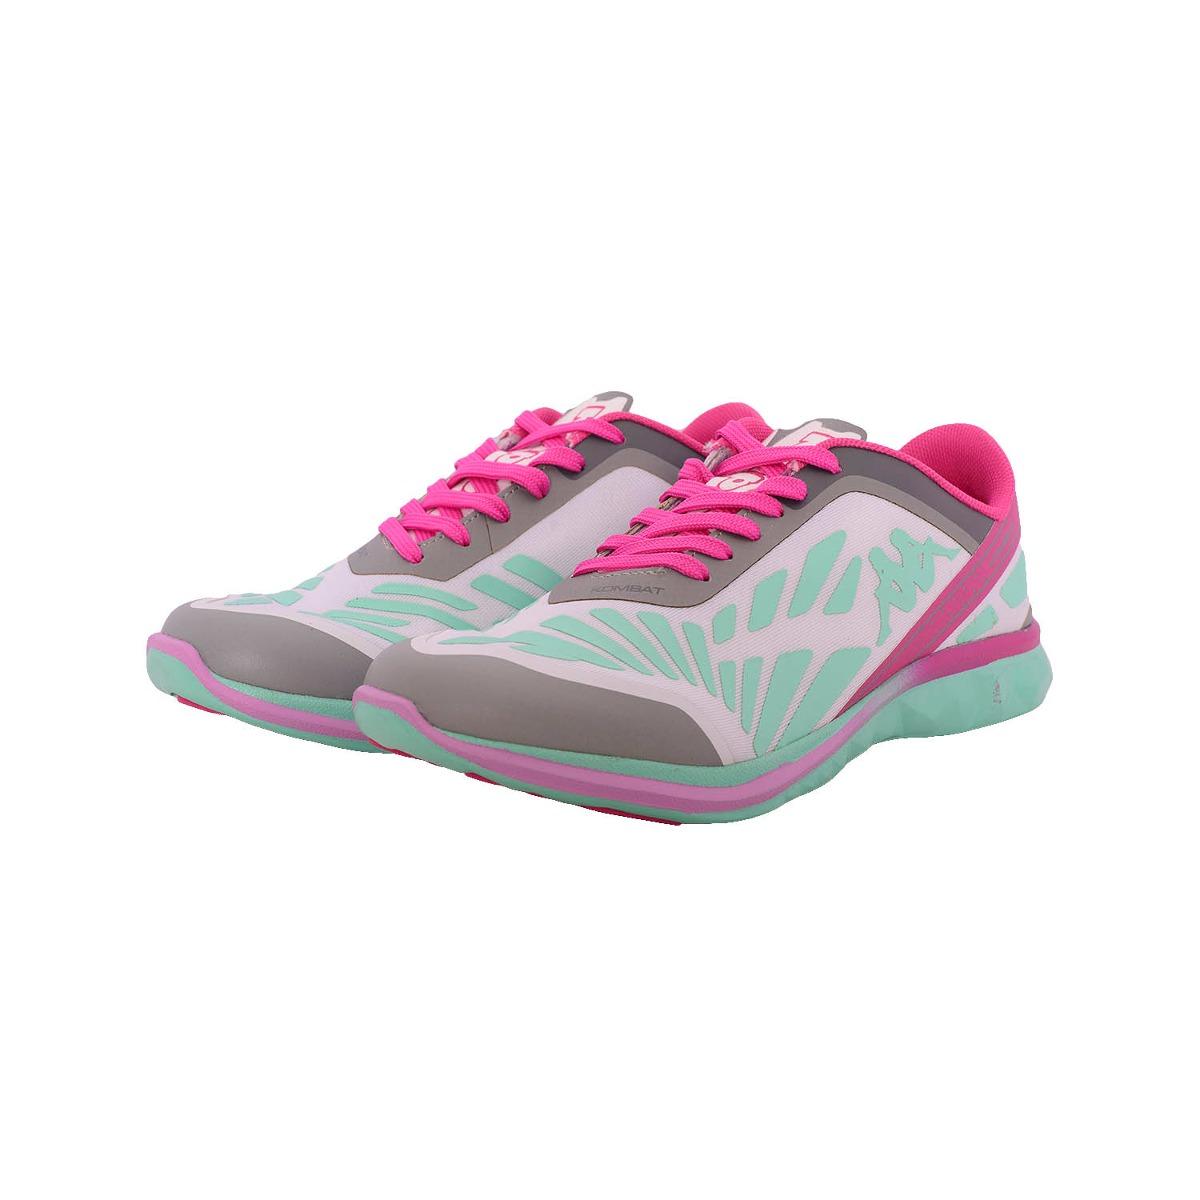 zapatillas kappa kombat oriony 2-k-1-303krco-934- open sport. Cargando zoom. 83025feb0a3fd